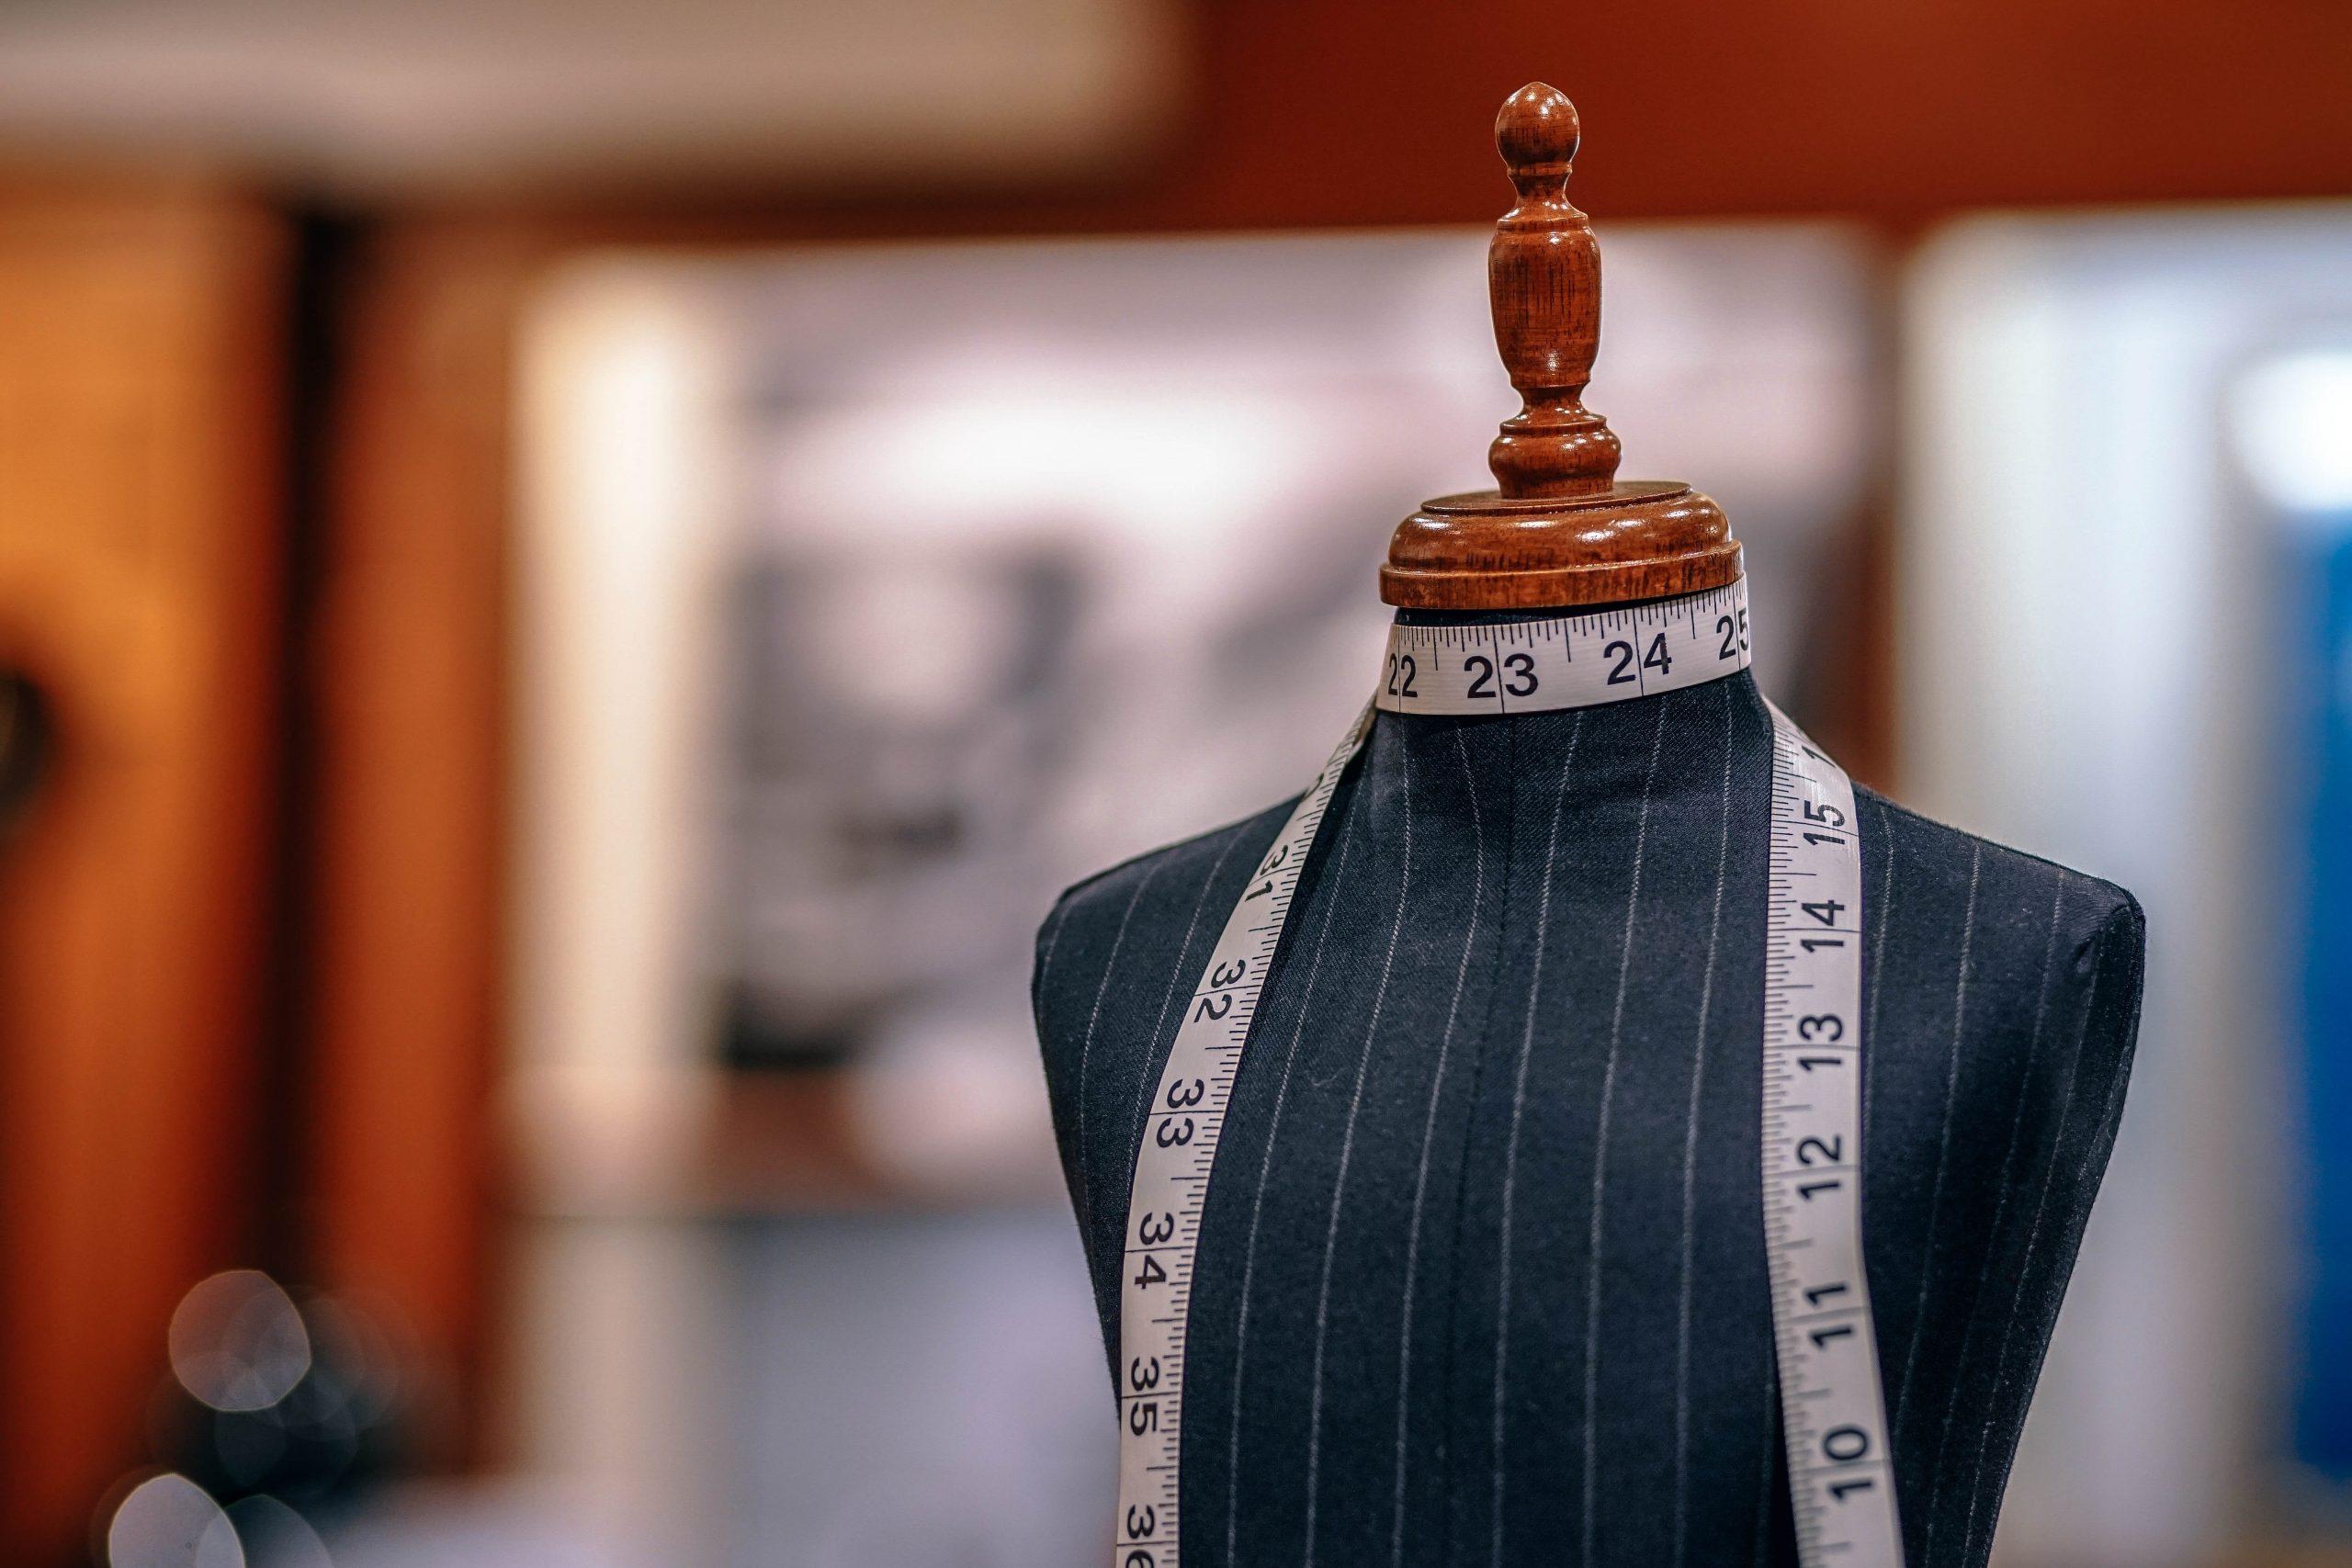 Tabella taglie donna: Come trovare la giusta taglia di vestiti